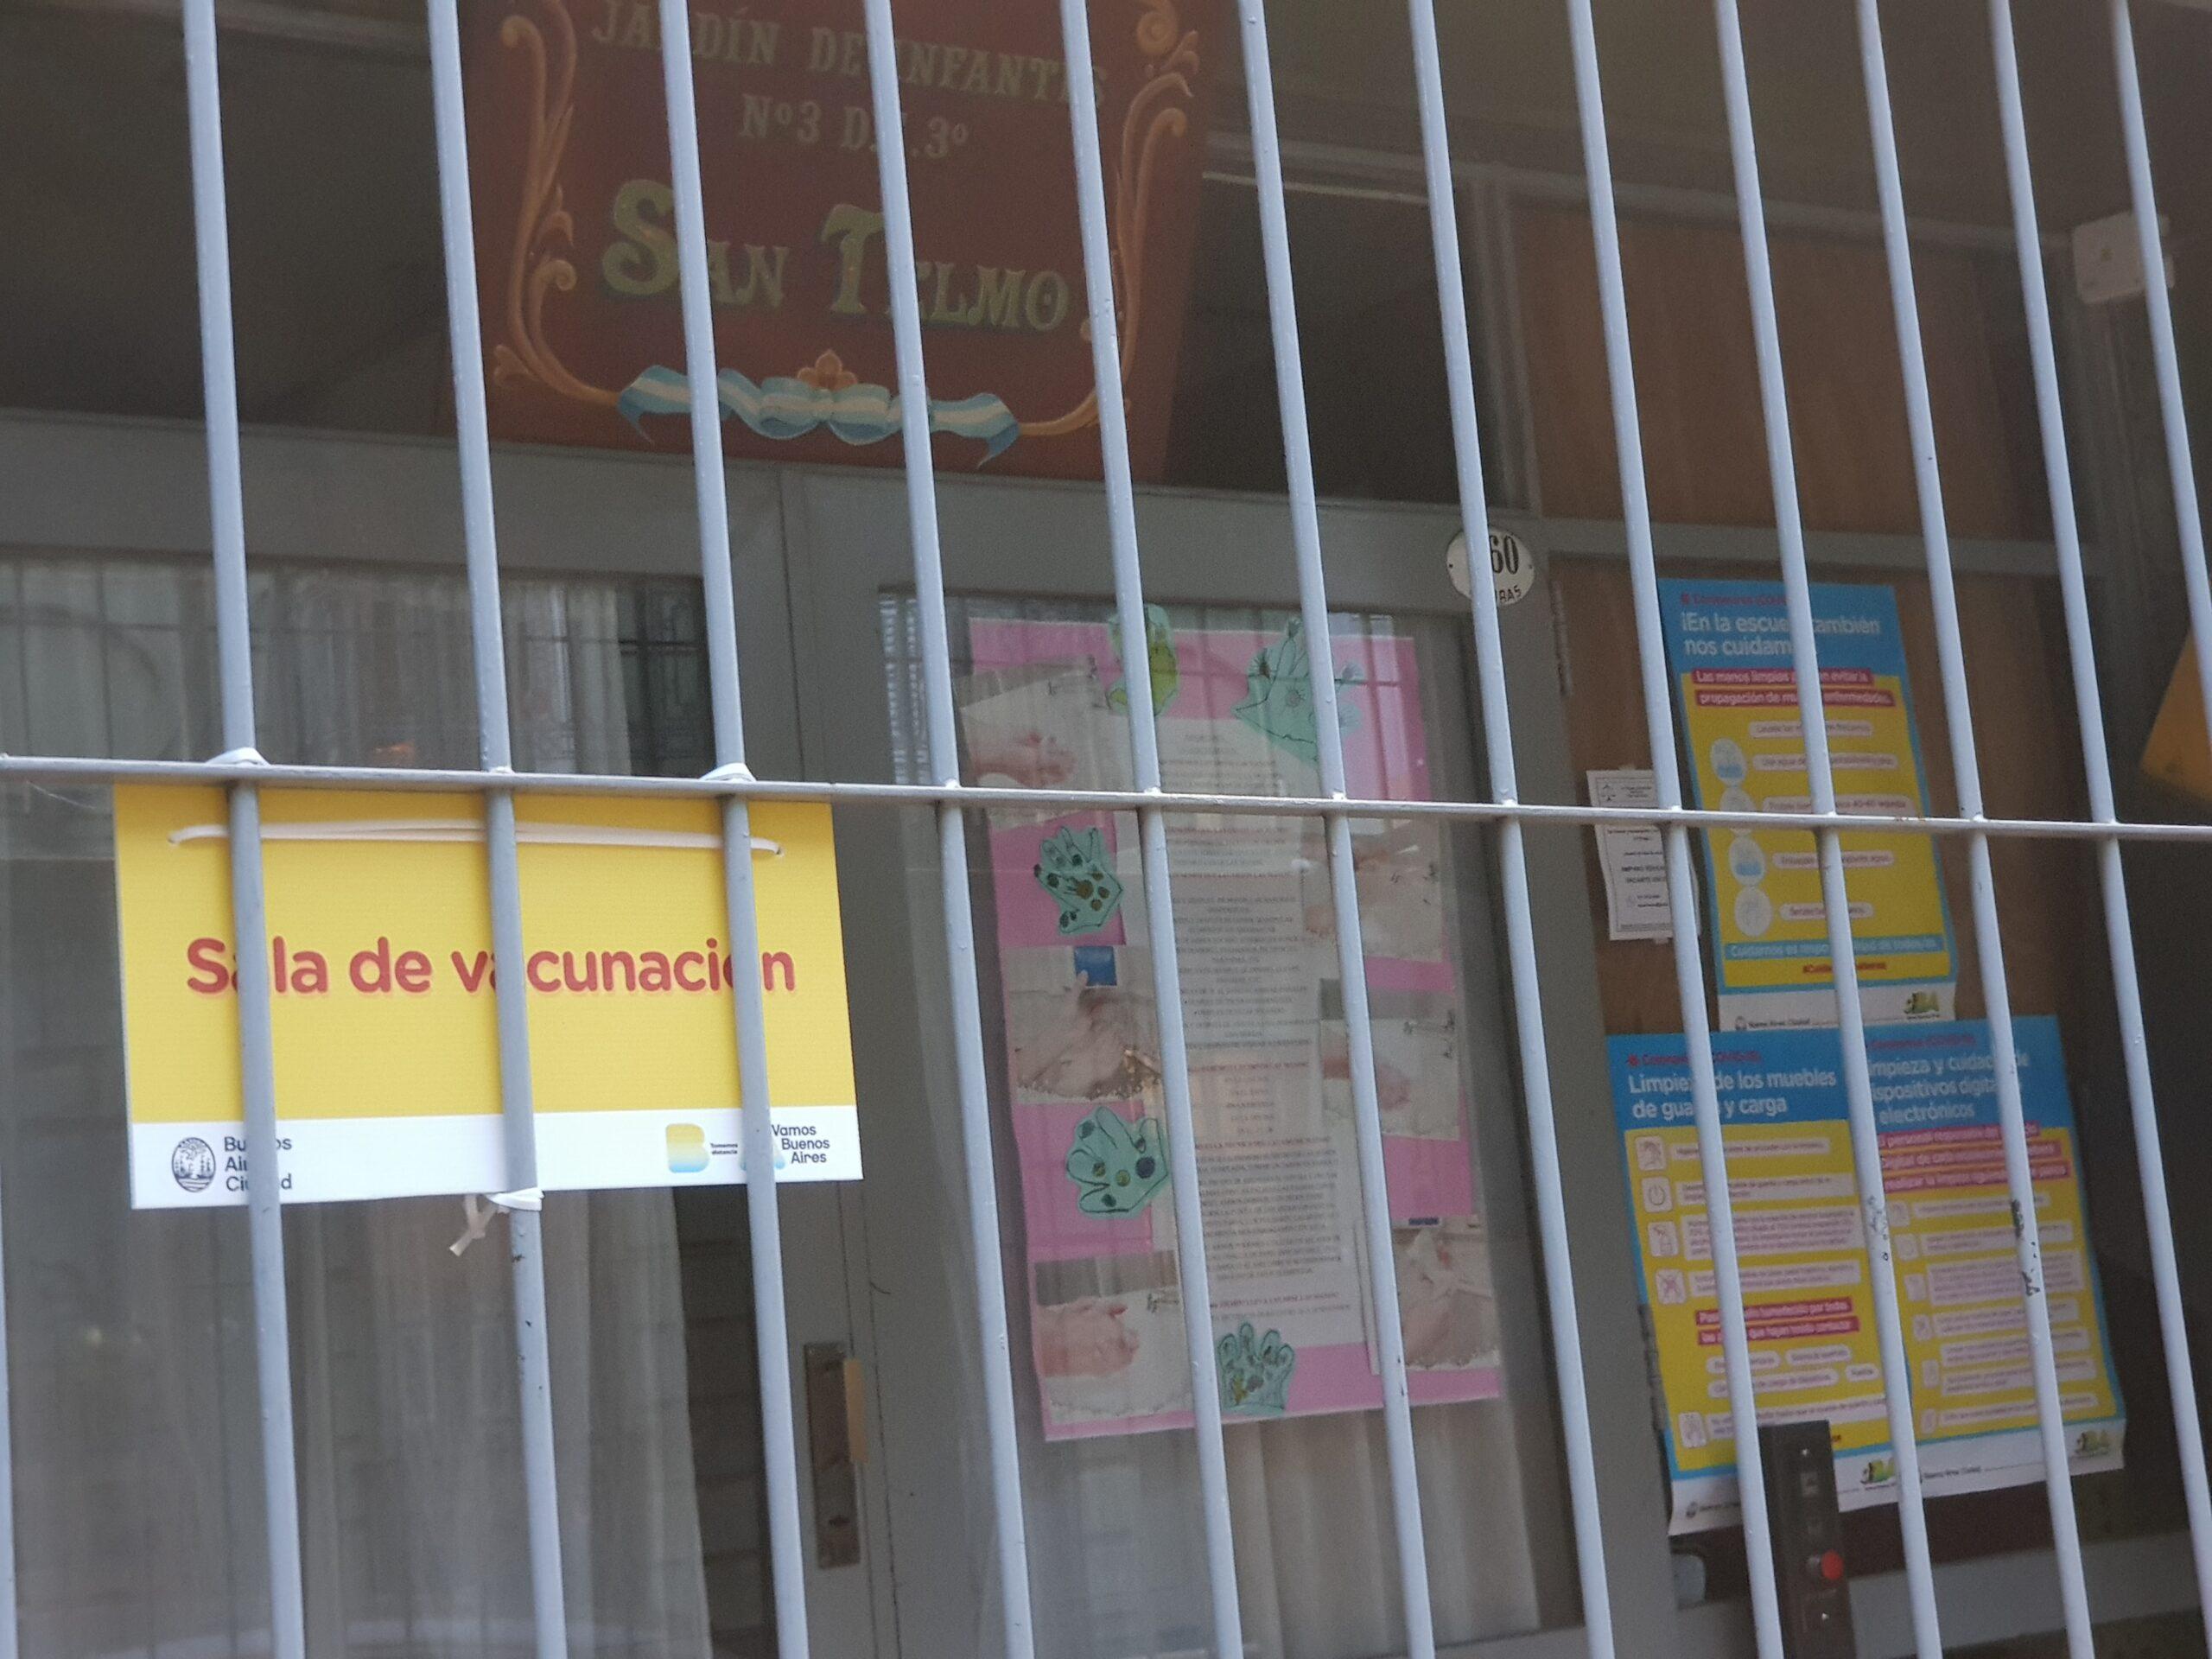 Plan Vacunación: Ingreso Escolar y 11 años